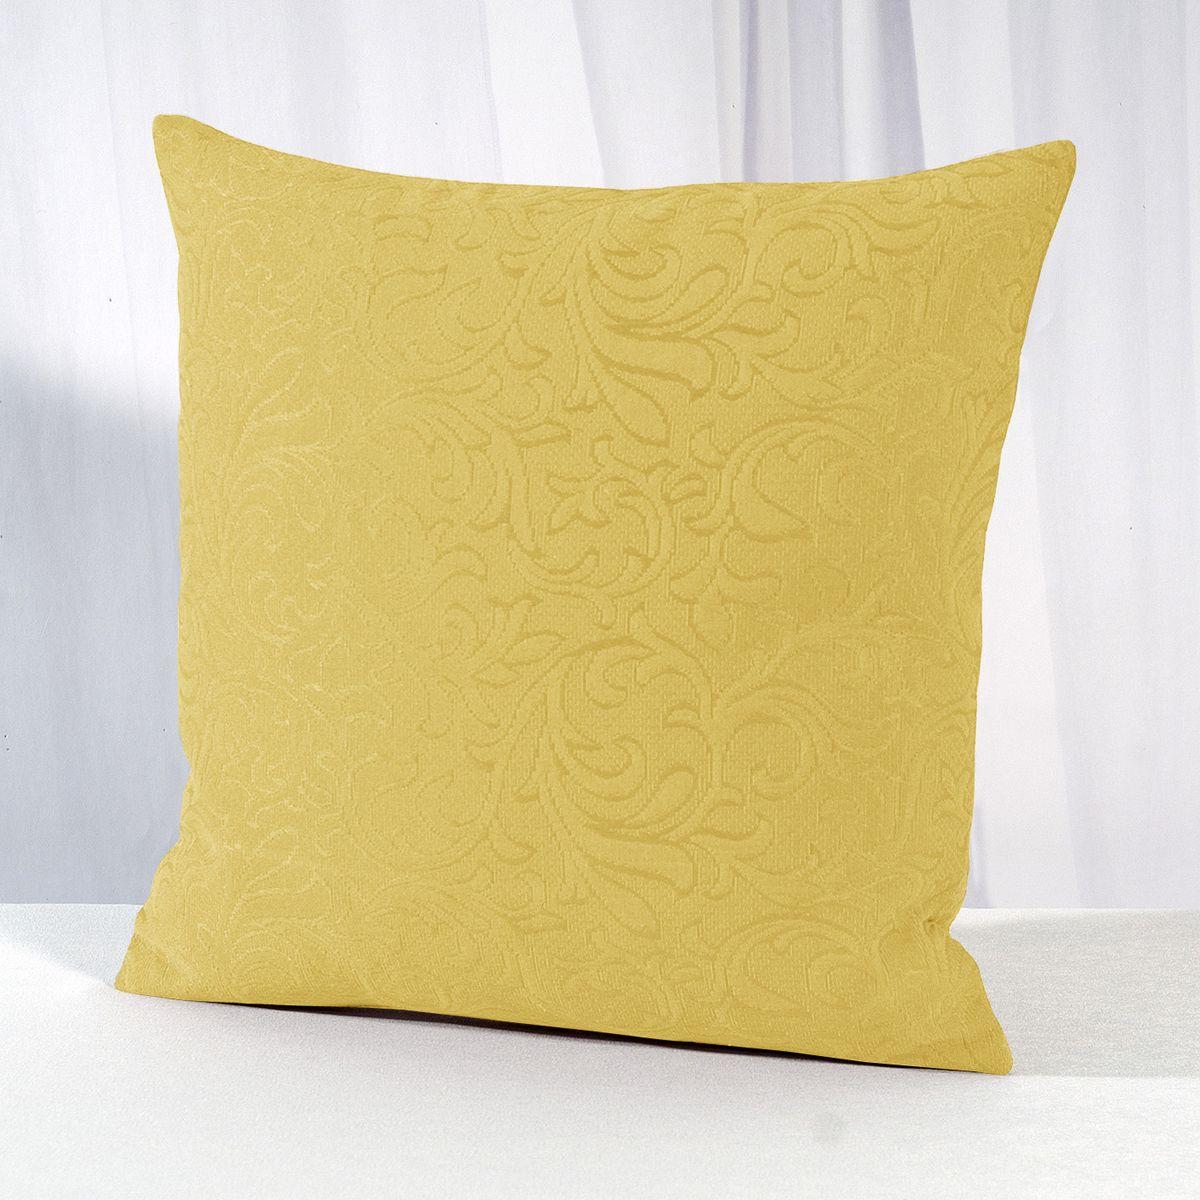 Наволочка декоративная Schaefer, 40 x 40 см, цвет: желтый. 07349-50116057Декоративная наволочка Schaefer предназначена для функционального и декоративного оформления небольших подушек.Продукция производится из качественной ткани, которая легко отстирывается от несложных загрязнений и быстро высыхает после стирки. Ее цвет и рисунки станут украшением любого интерьера. Наволочка прошита с помощью надежных швов, которые долгое время выдерживают повседневные нагрузки. Качественная разноцветная покраска гарантирует устойчивость к выцветанию.